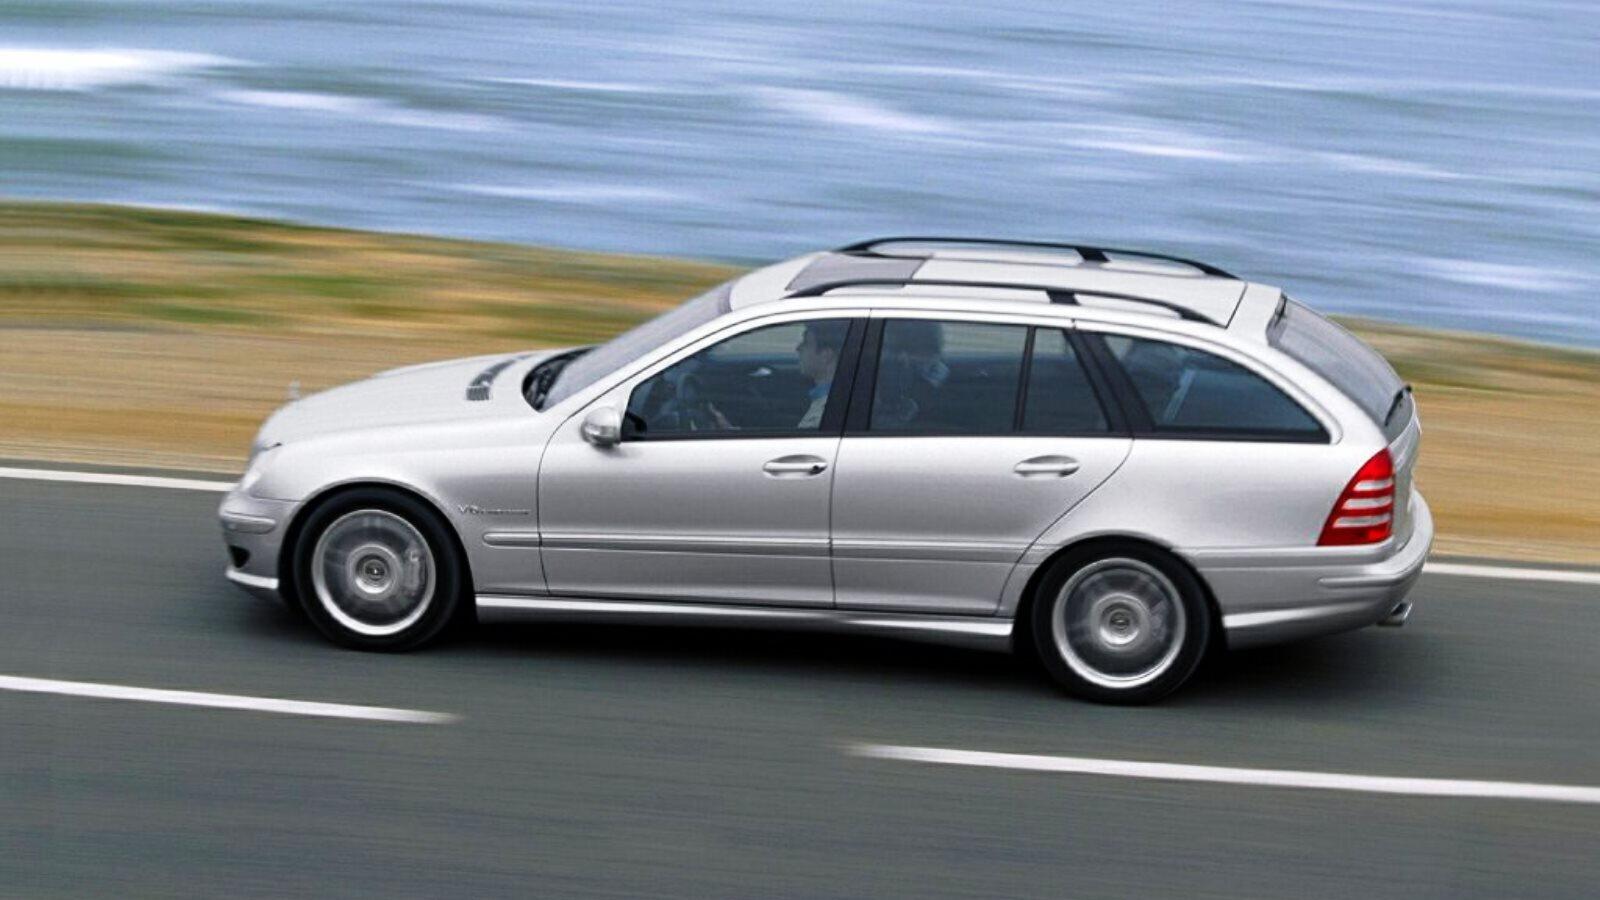 Mercedes-Benz W203 AMG C30T CDI Wagon